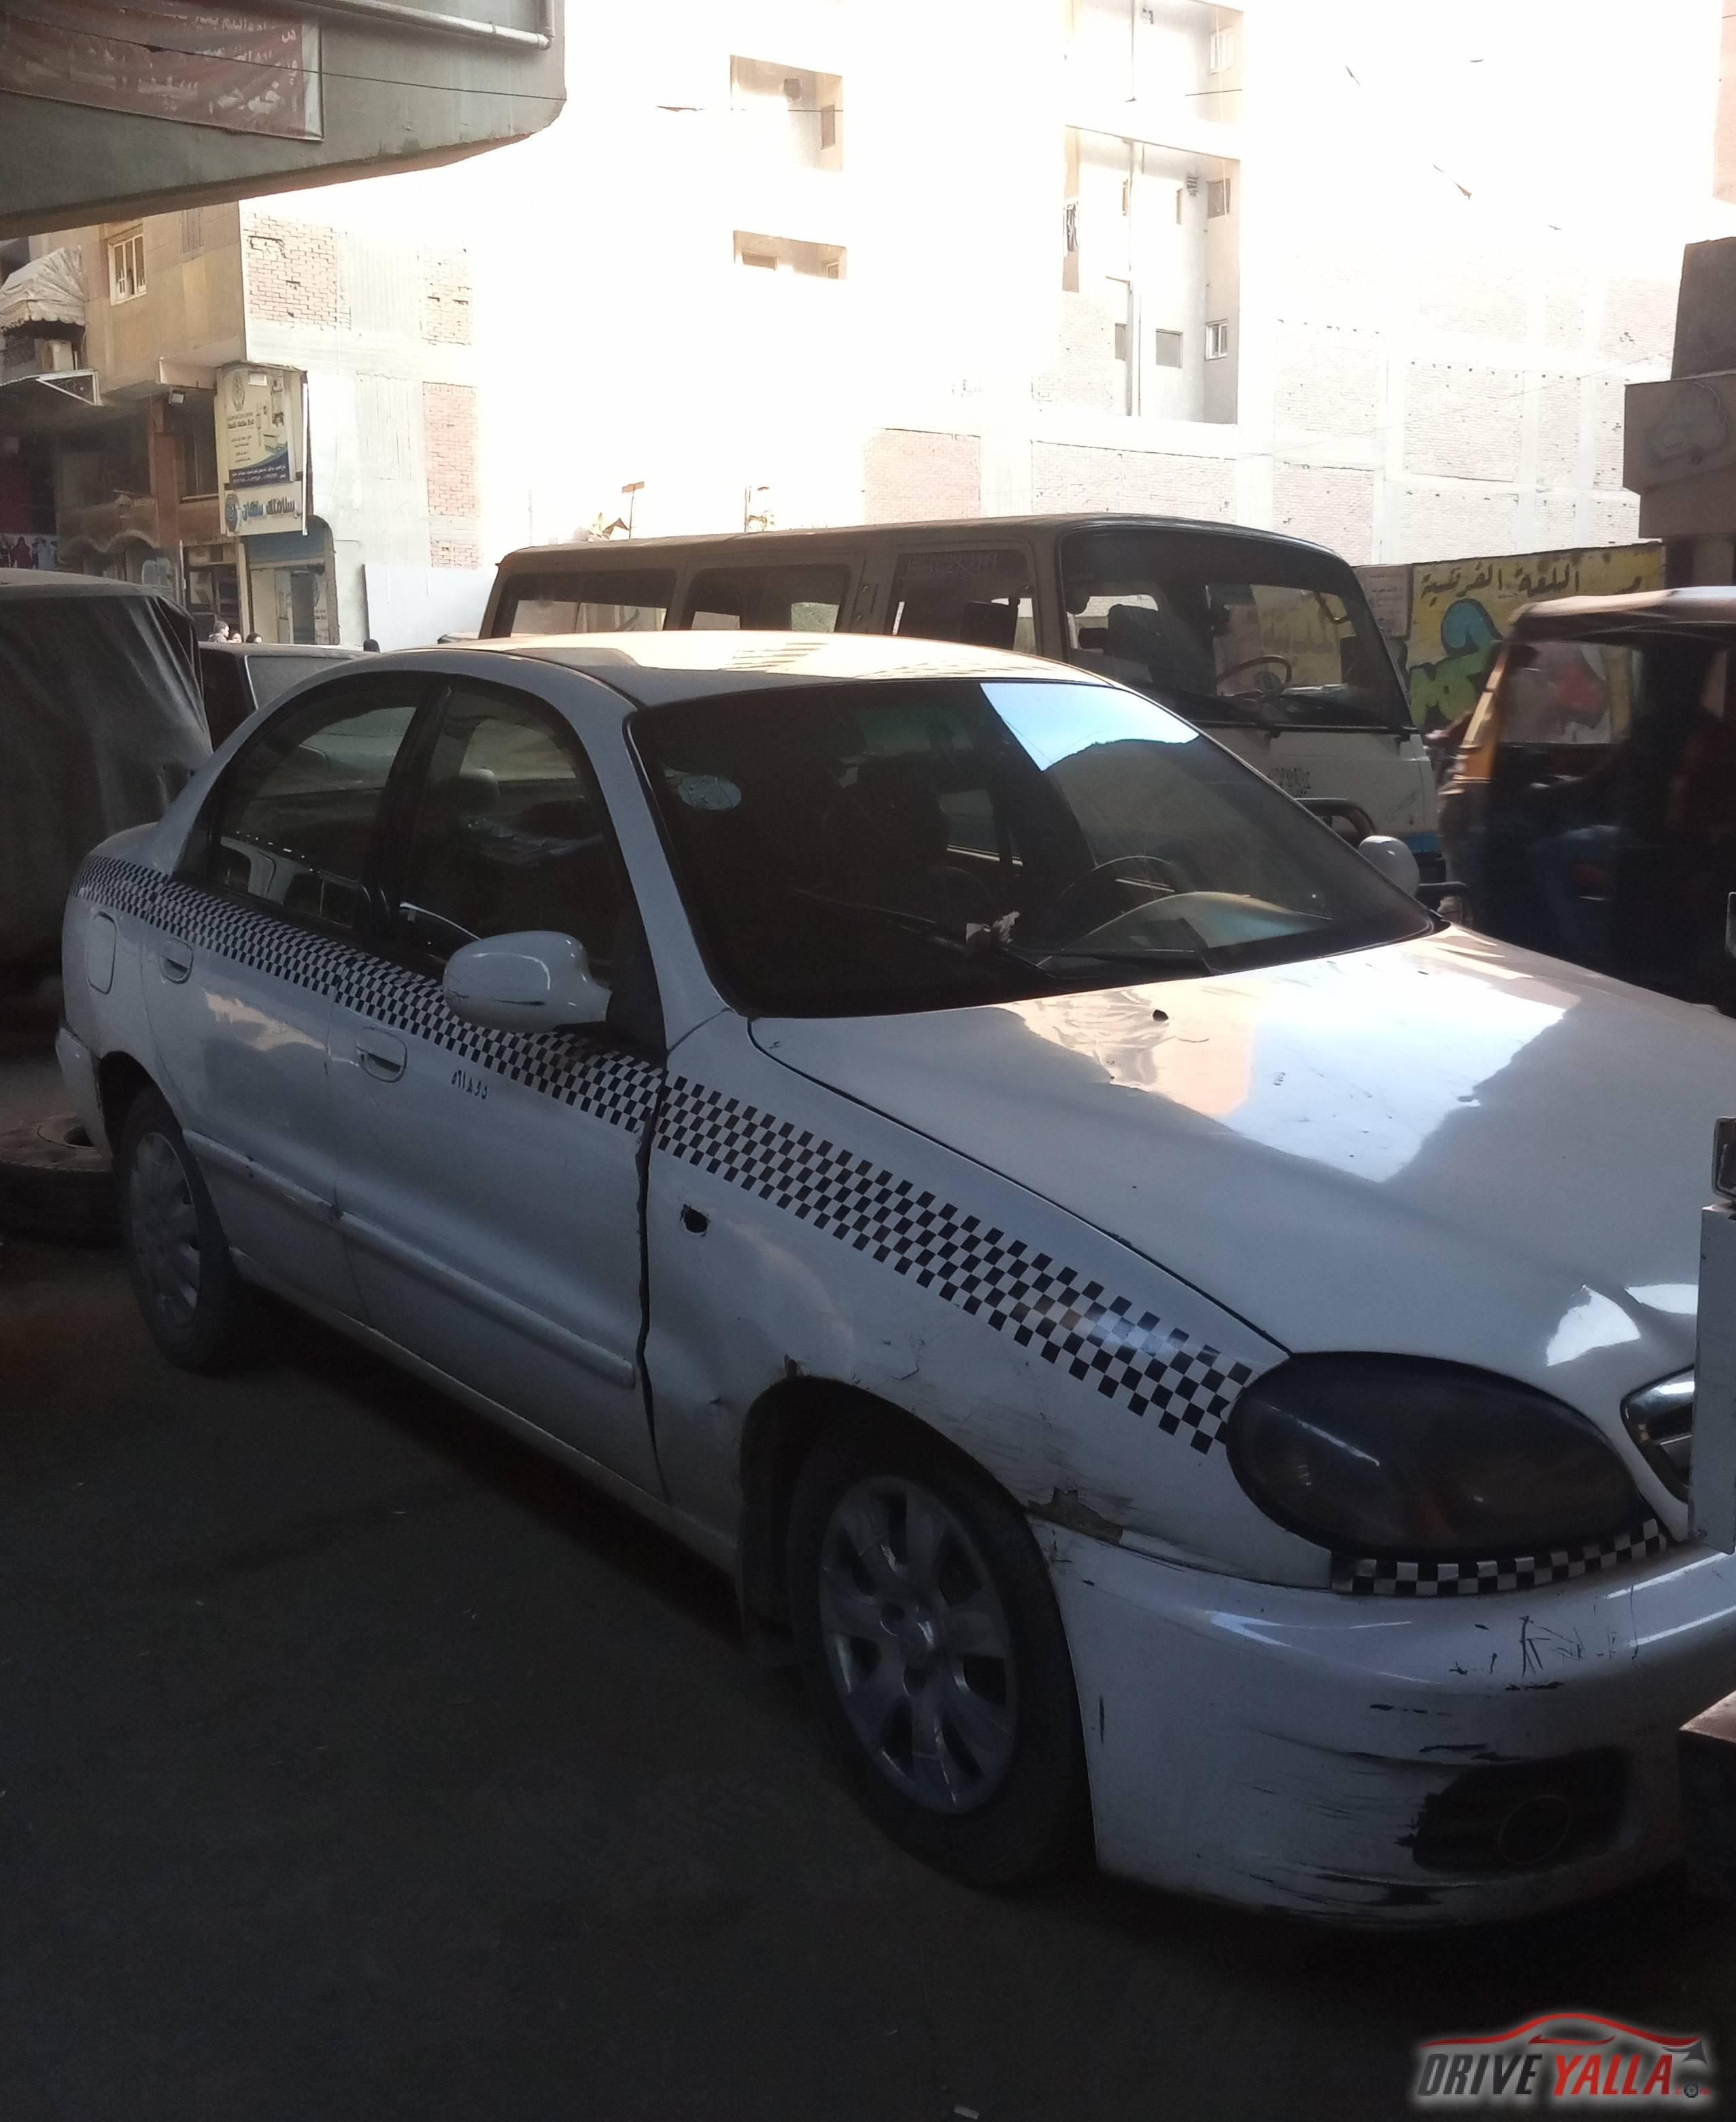 شيفرولية لانوس مستعملة للبيع فى مصر 2011